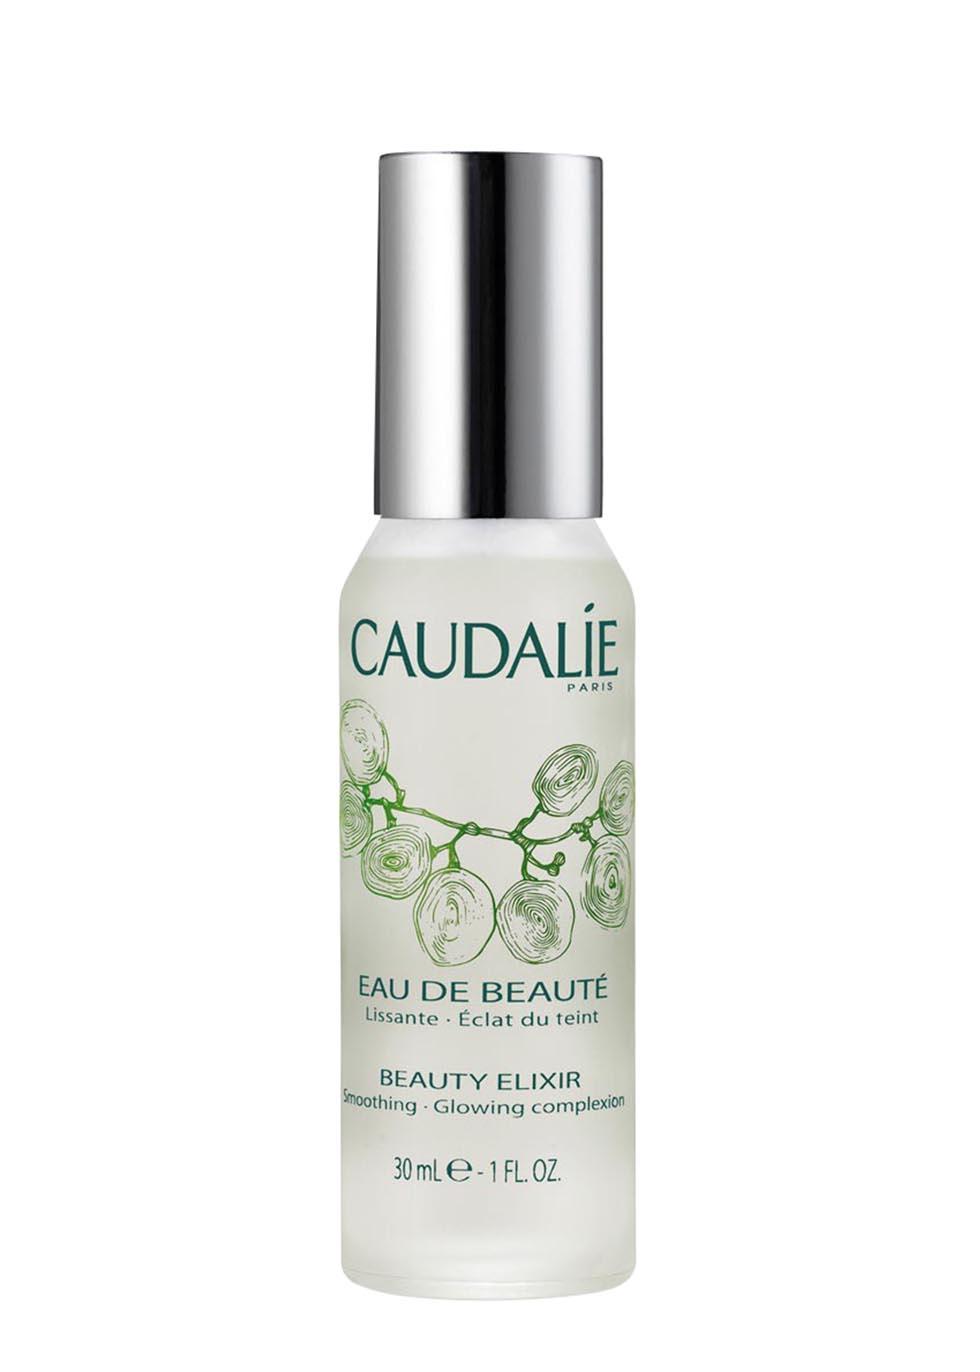 Beauty Elixir 30ml